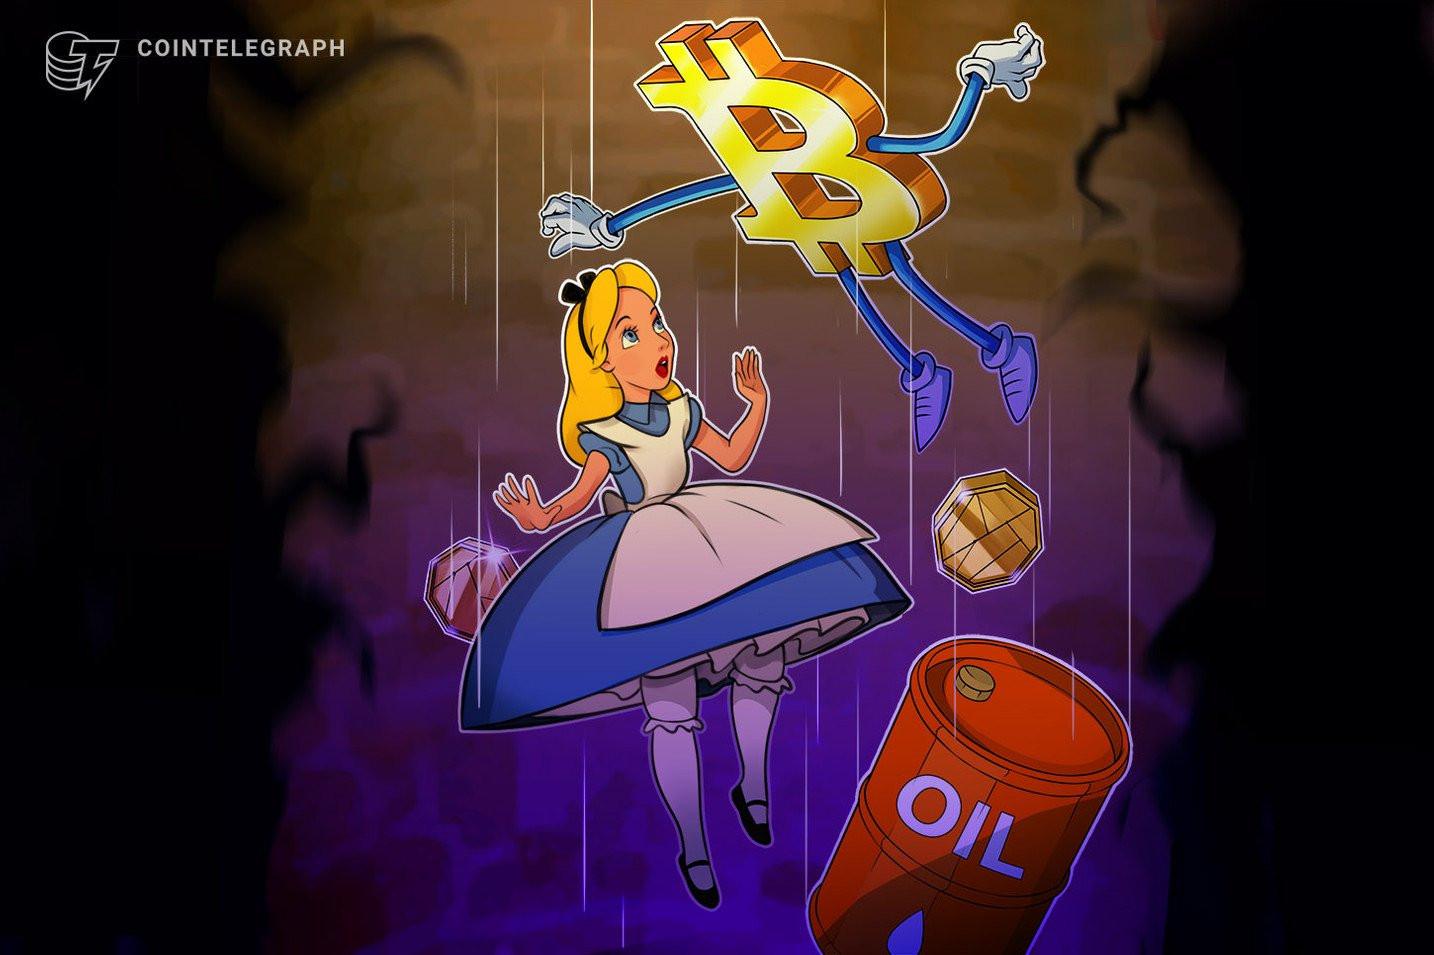 仮想通貨ビットコイン、再び7000ドル下回る NY原油先物は史上初の「マイナス」記録